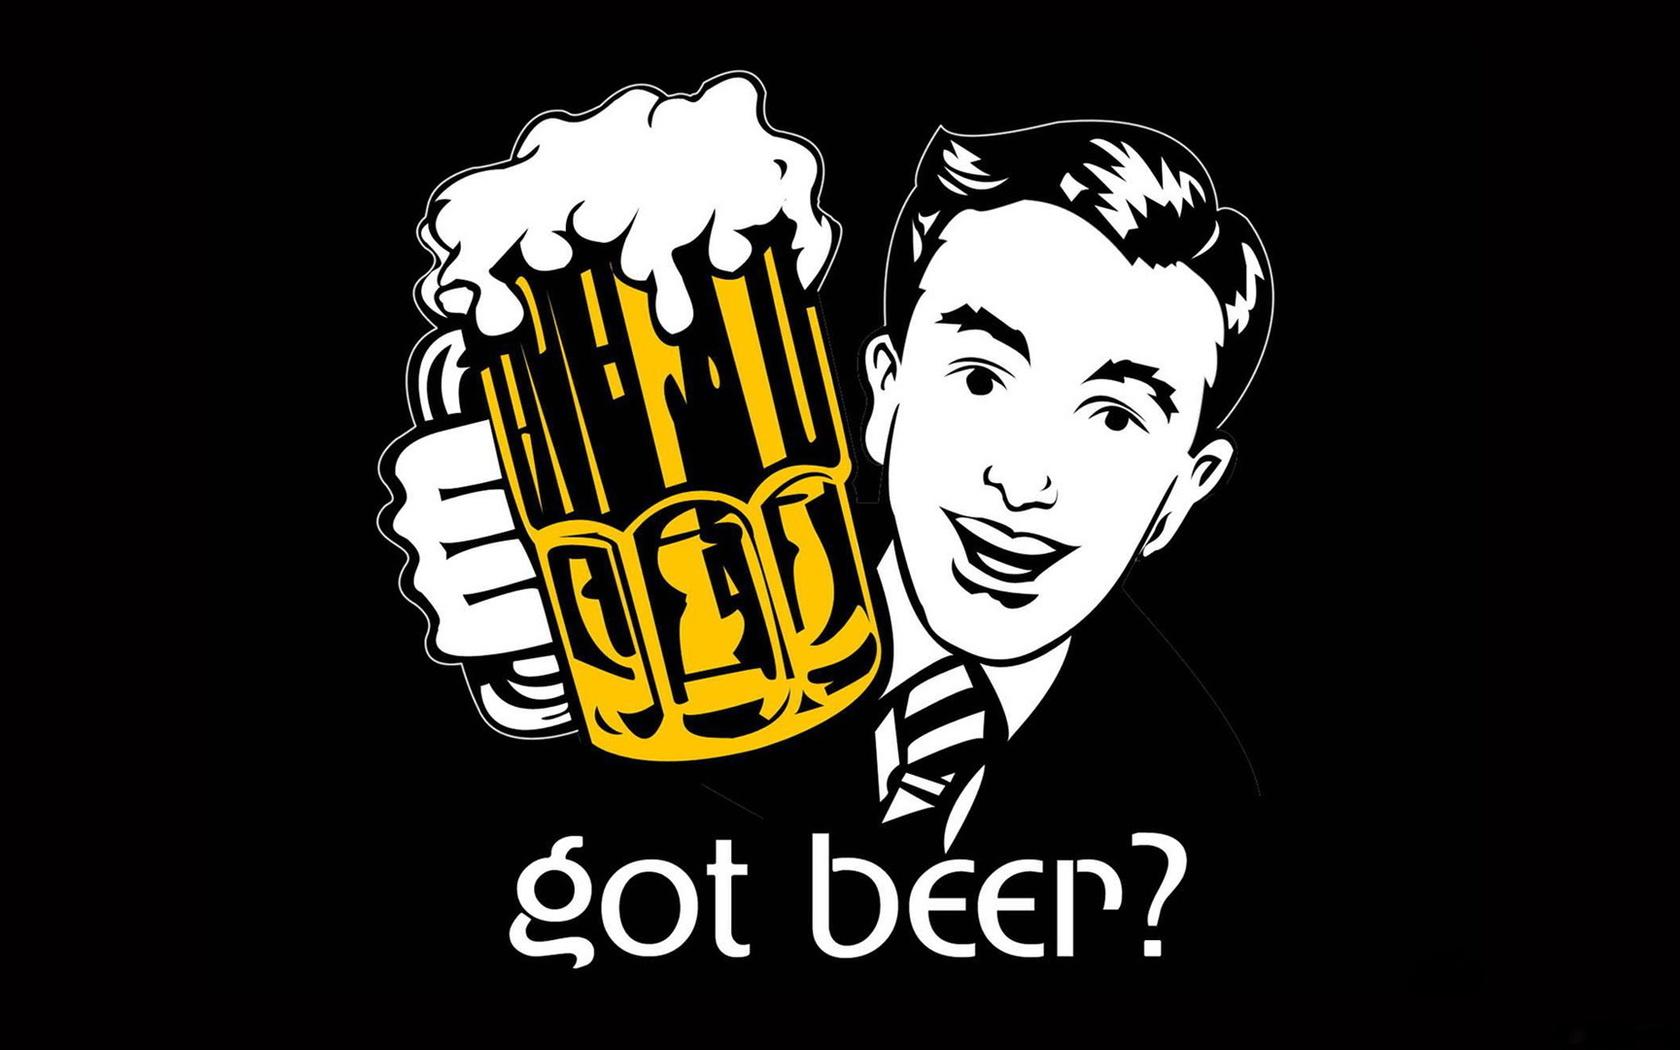 обои для рабочего стола, пиво, скачать бесплатно